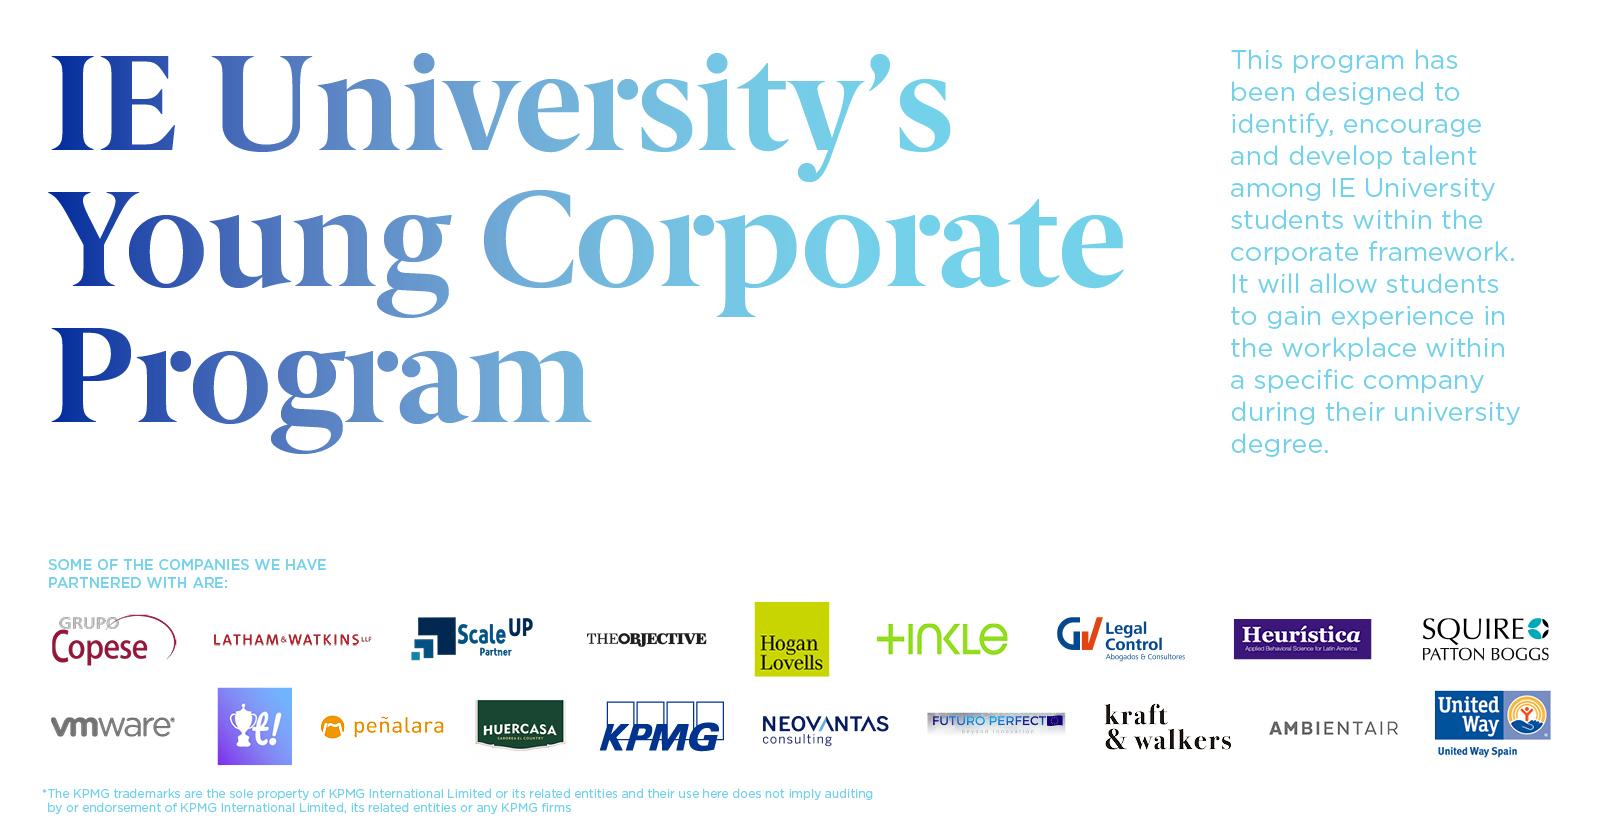 Peñalara participa en el programa The Young Corporate Program